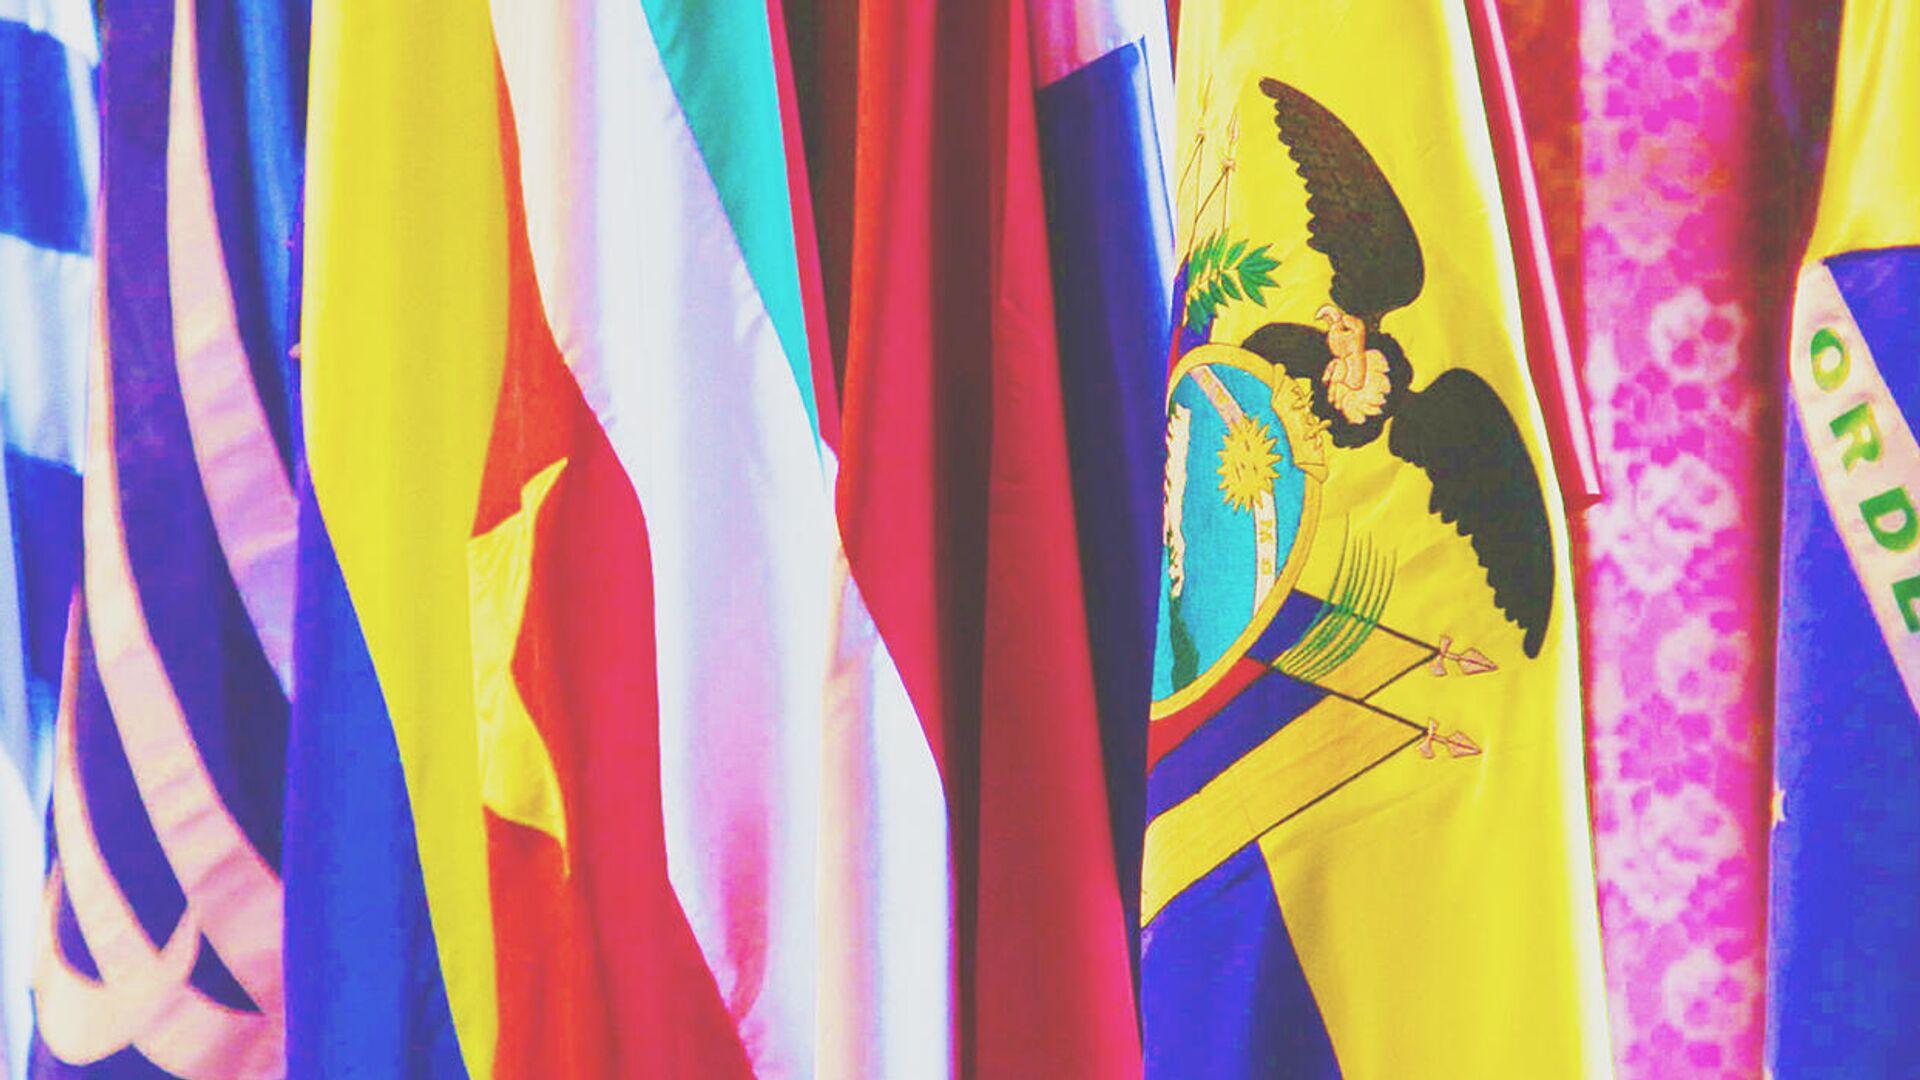 Venezuela: vacunación masiva contra COVID-19 iniciará en abril - Sputnik Mundo, 1920, 02.02.2021